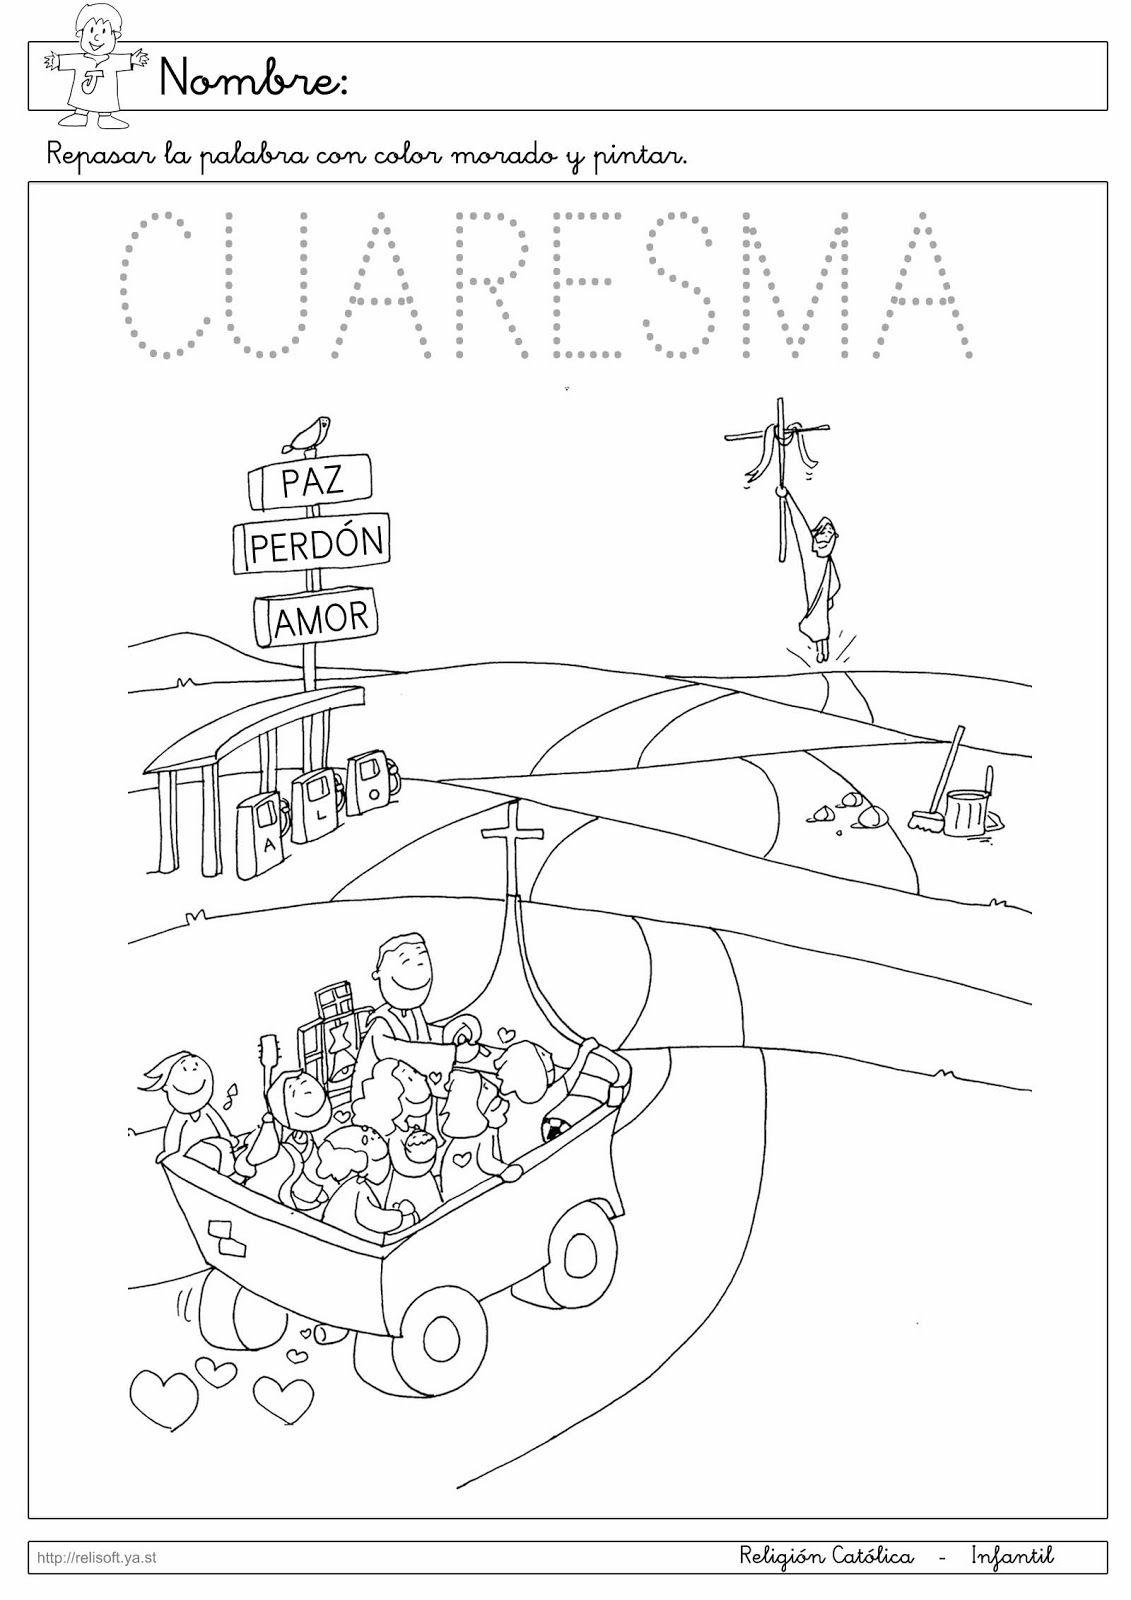 Cuaresma | Cuaresma y Semana Santa | Pinterest | Religiones, Semana ...